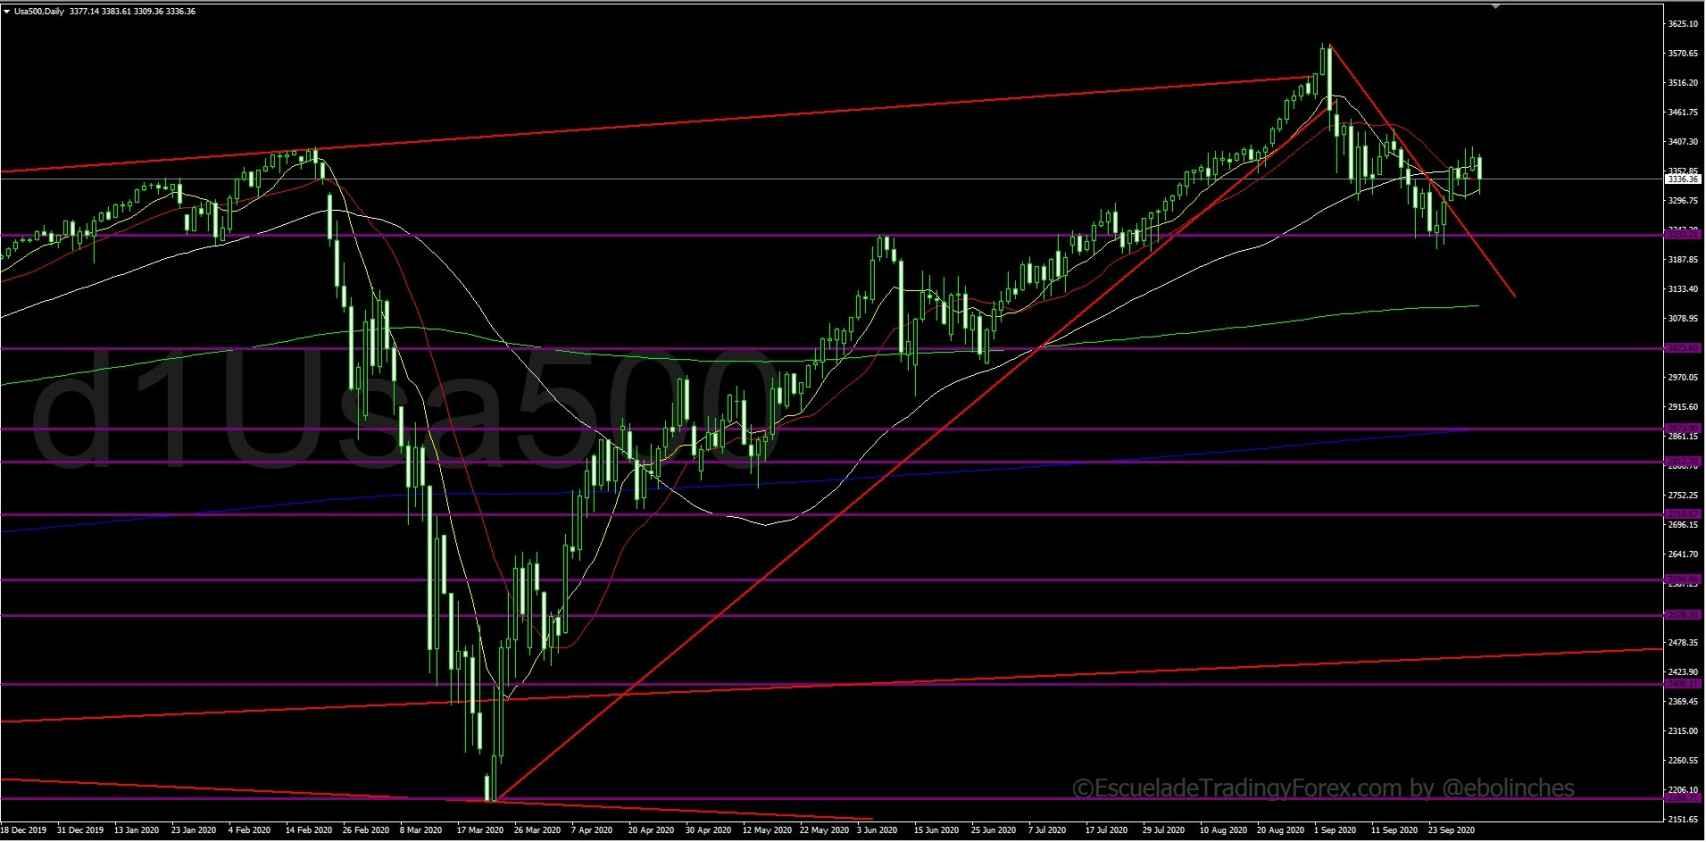 Evolución del futuro del S&P 500